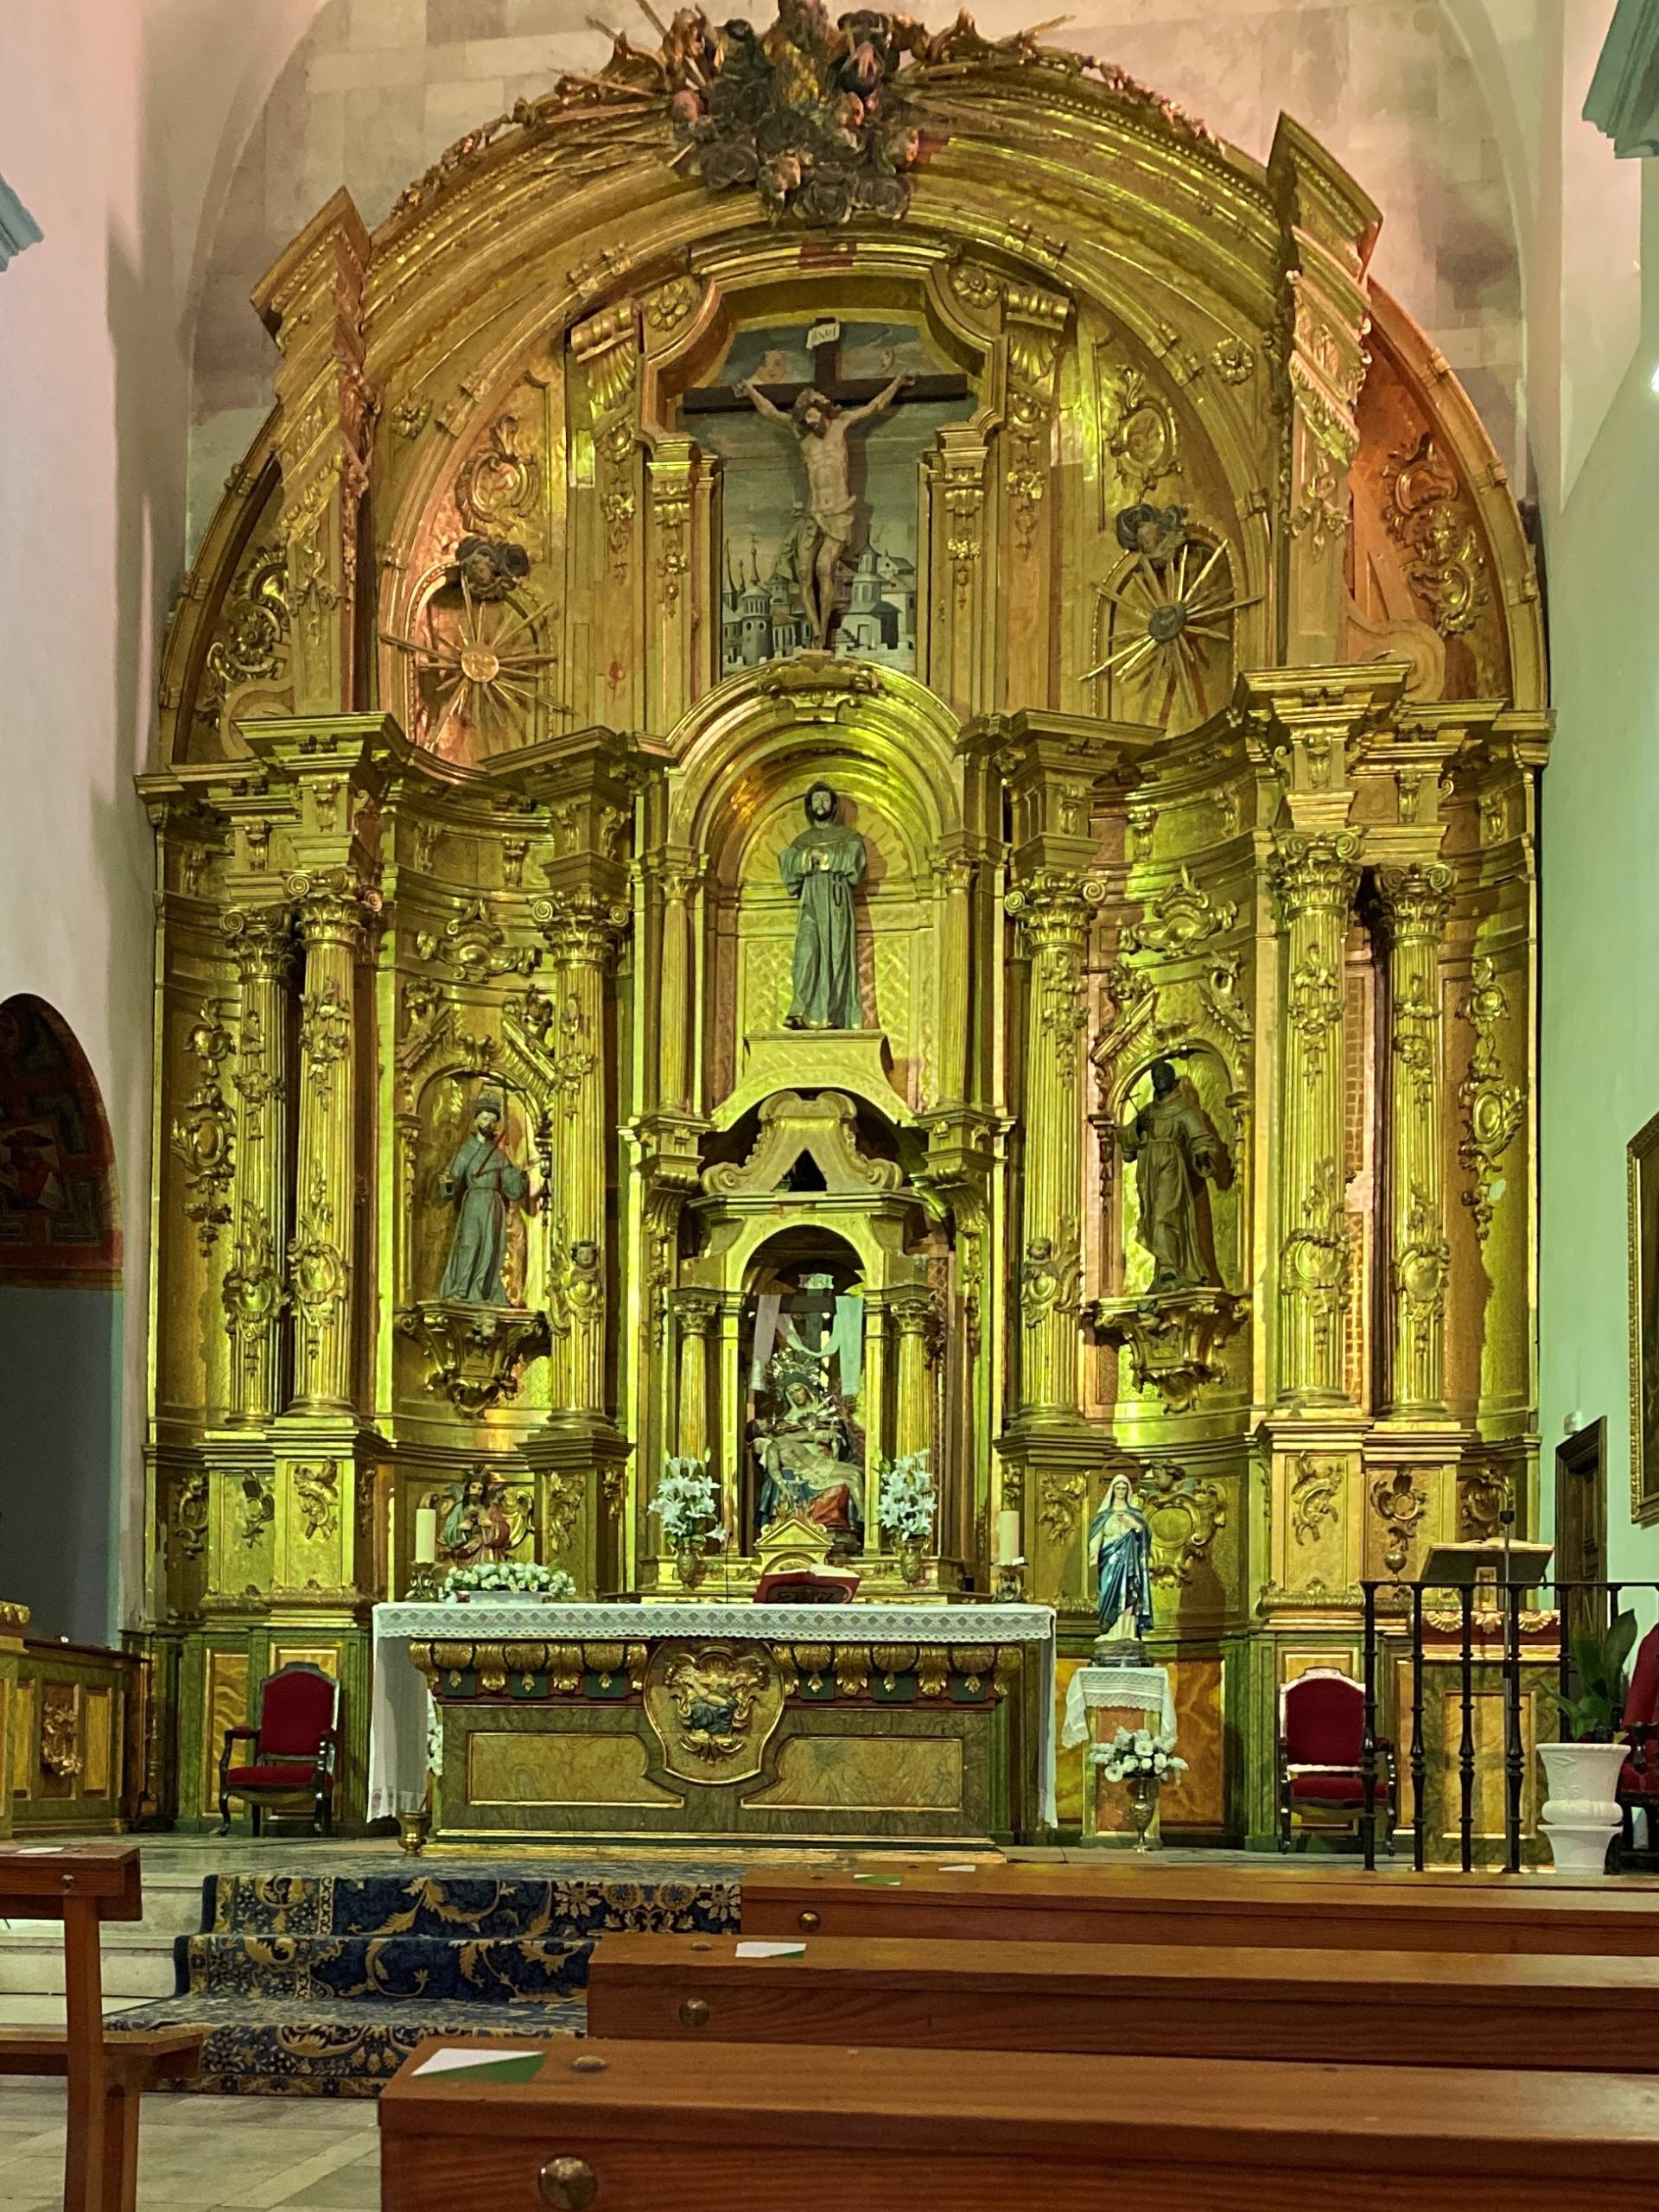 III Centenario de Juan Macías Revuelta, escultor nacido en La Seca